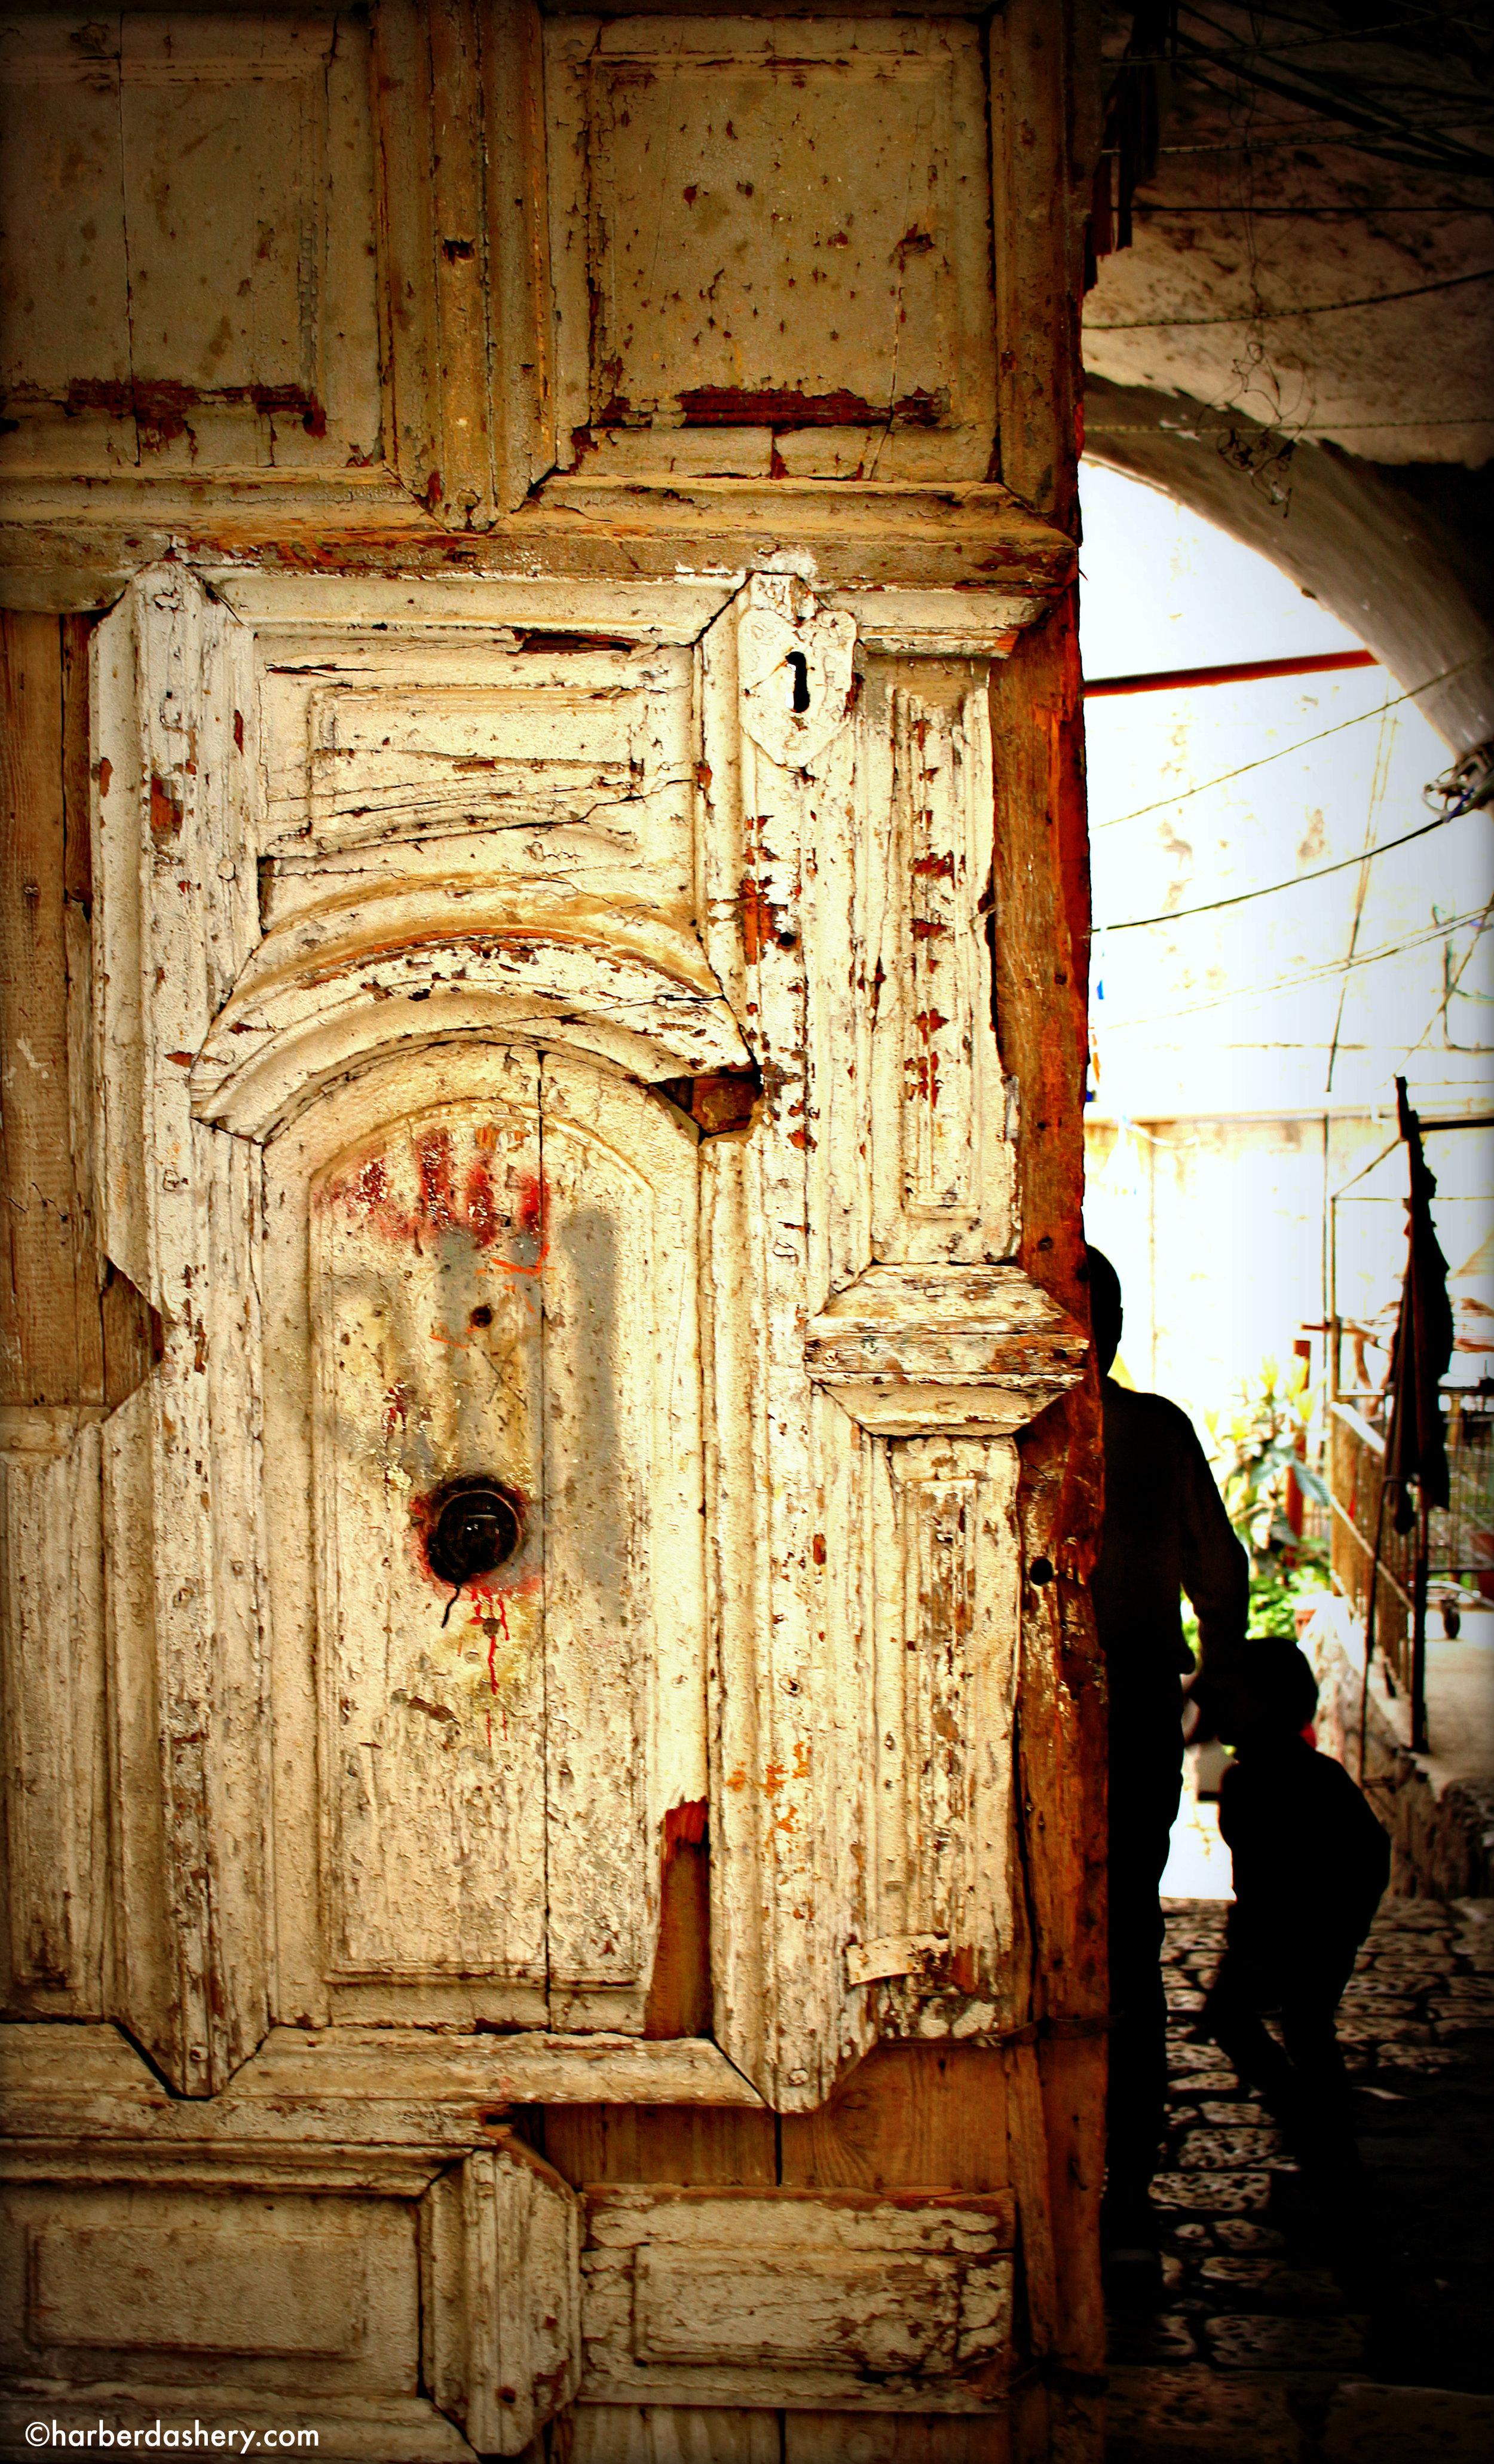 Door through Path of Old City